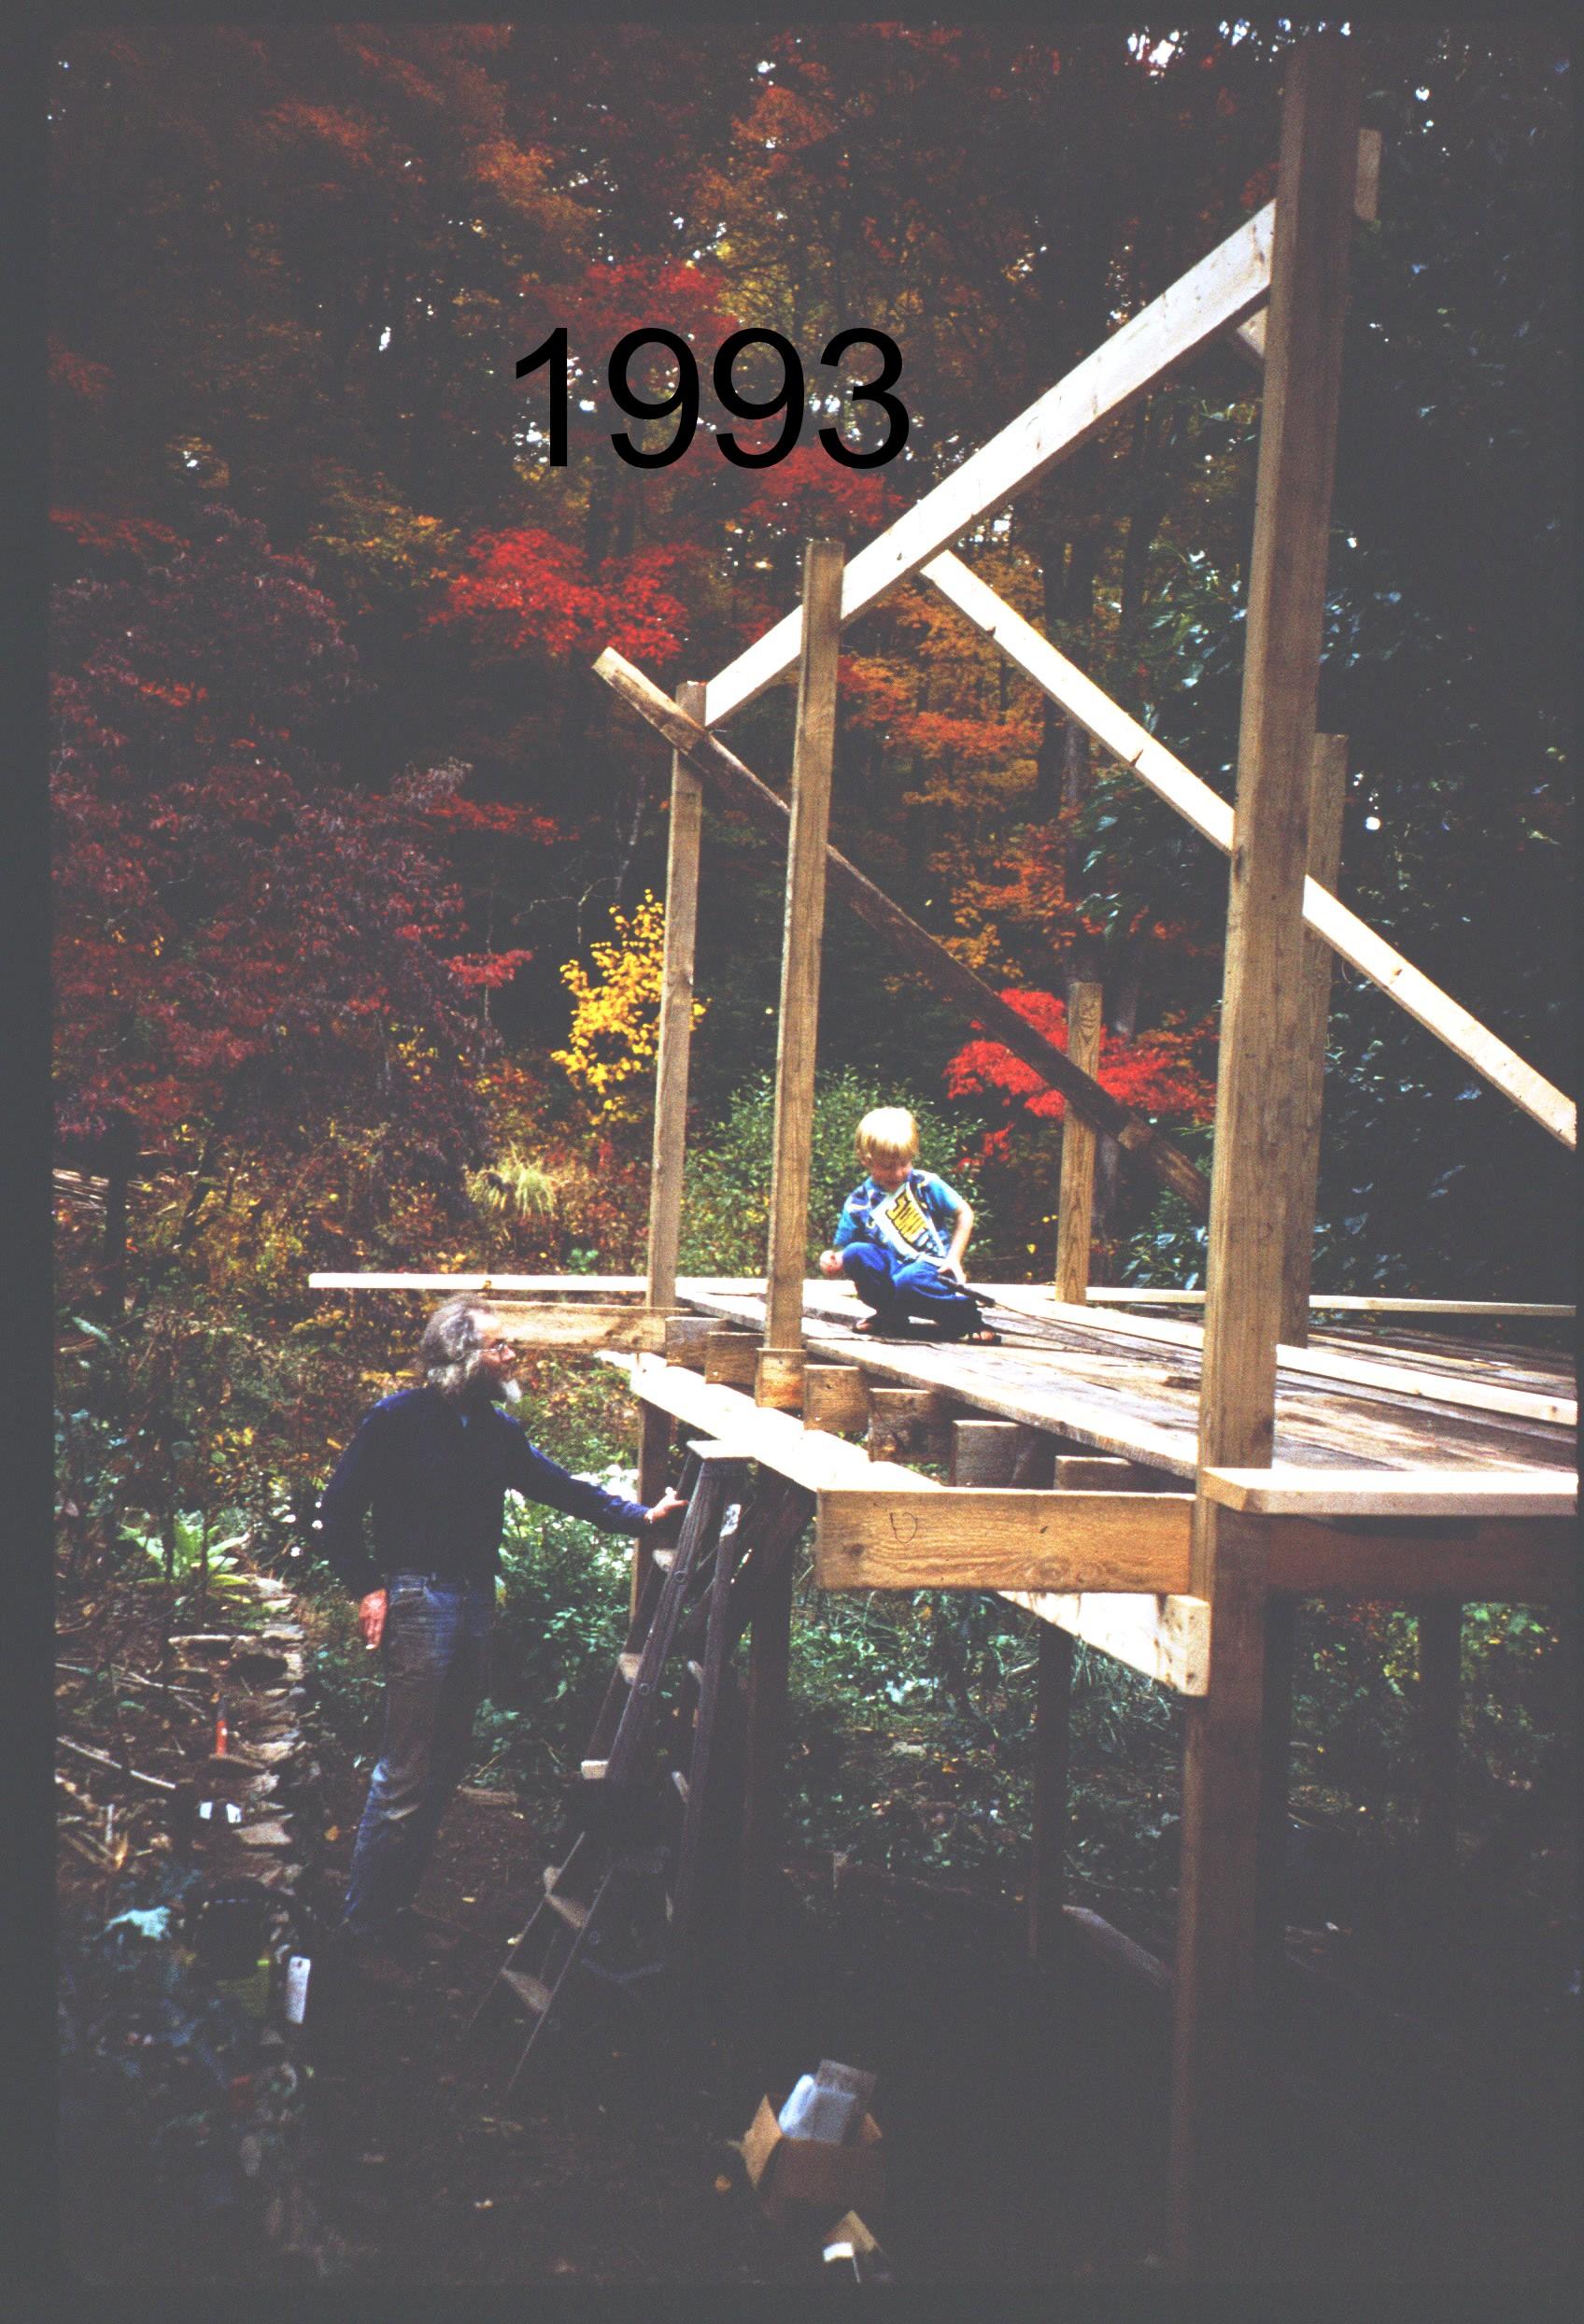 1993 coop construction.jpg